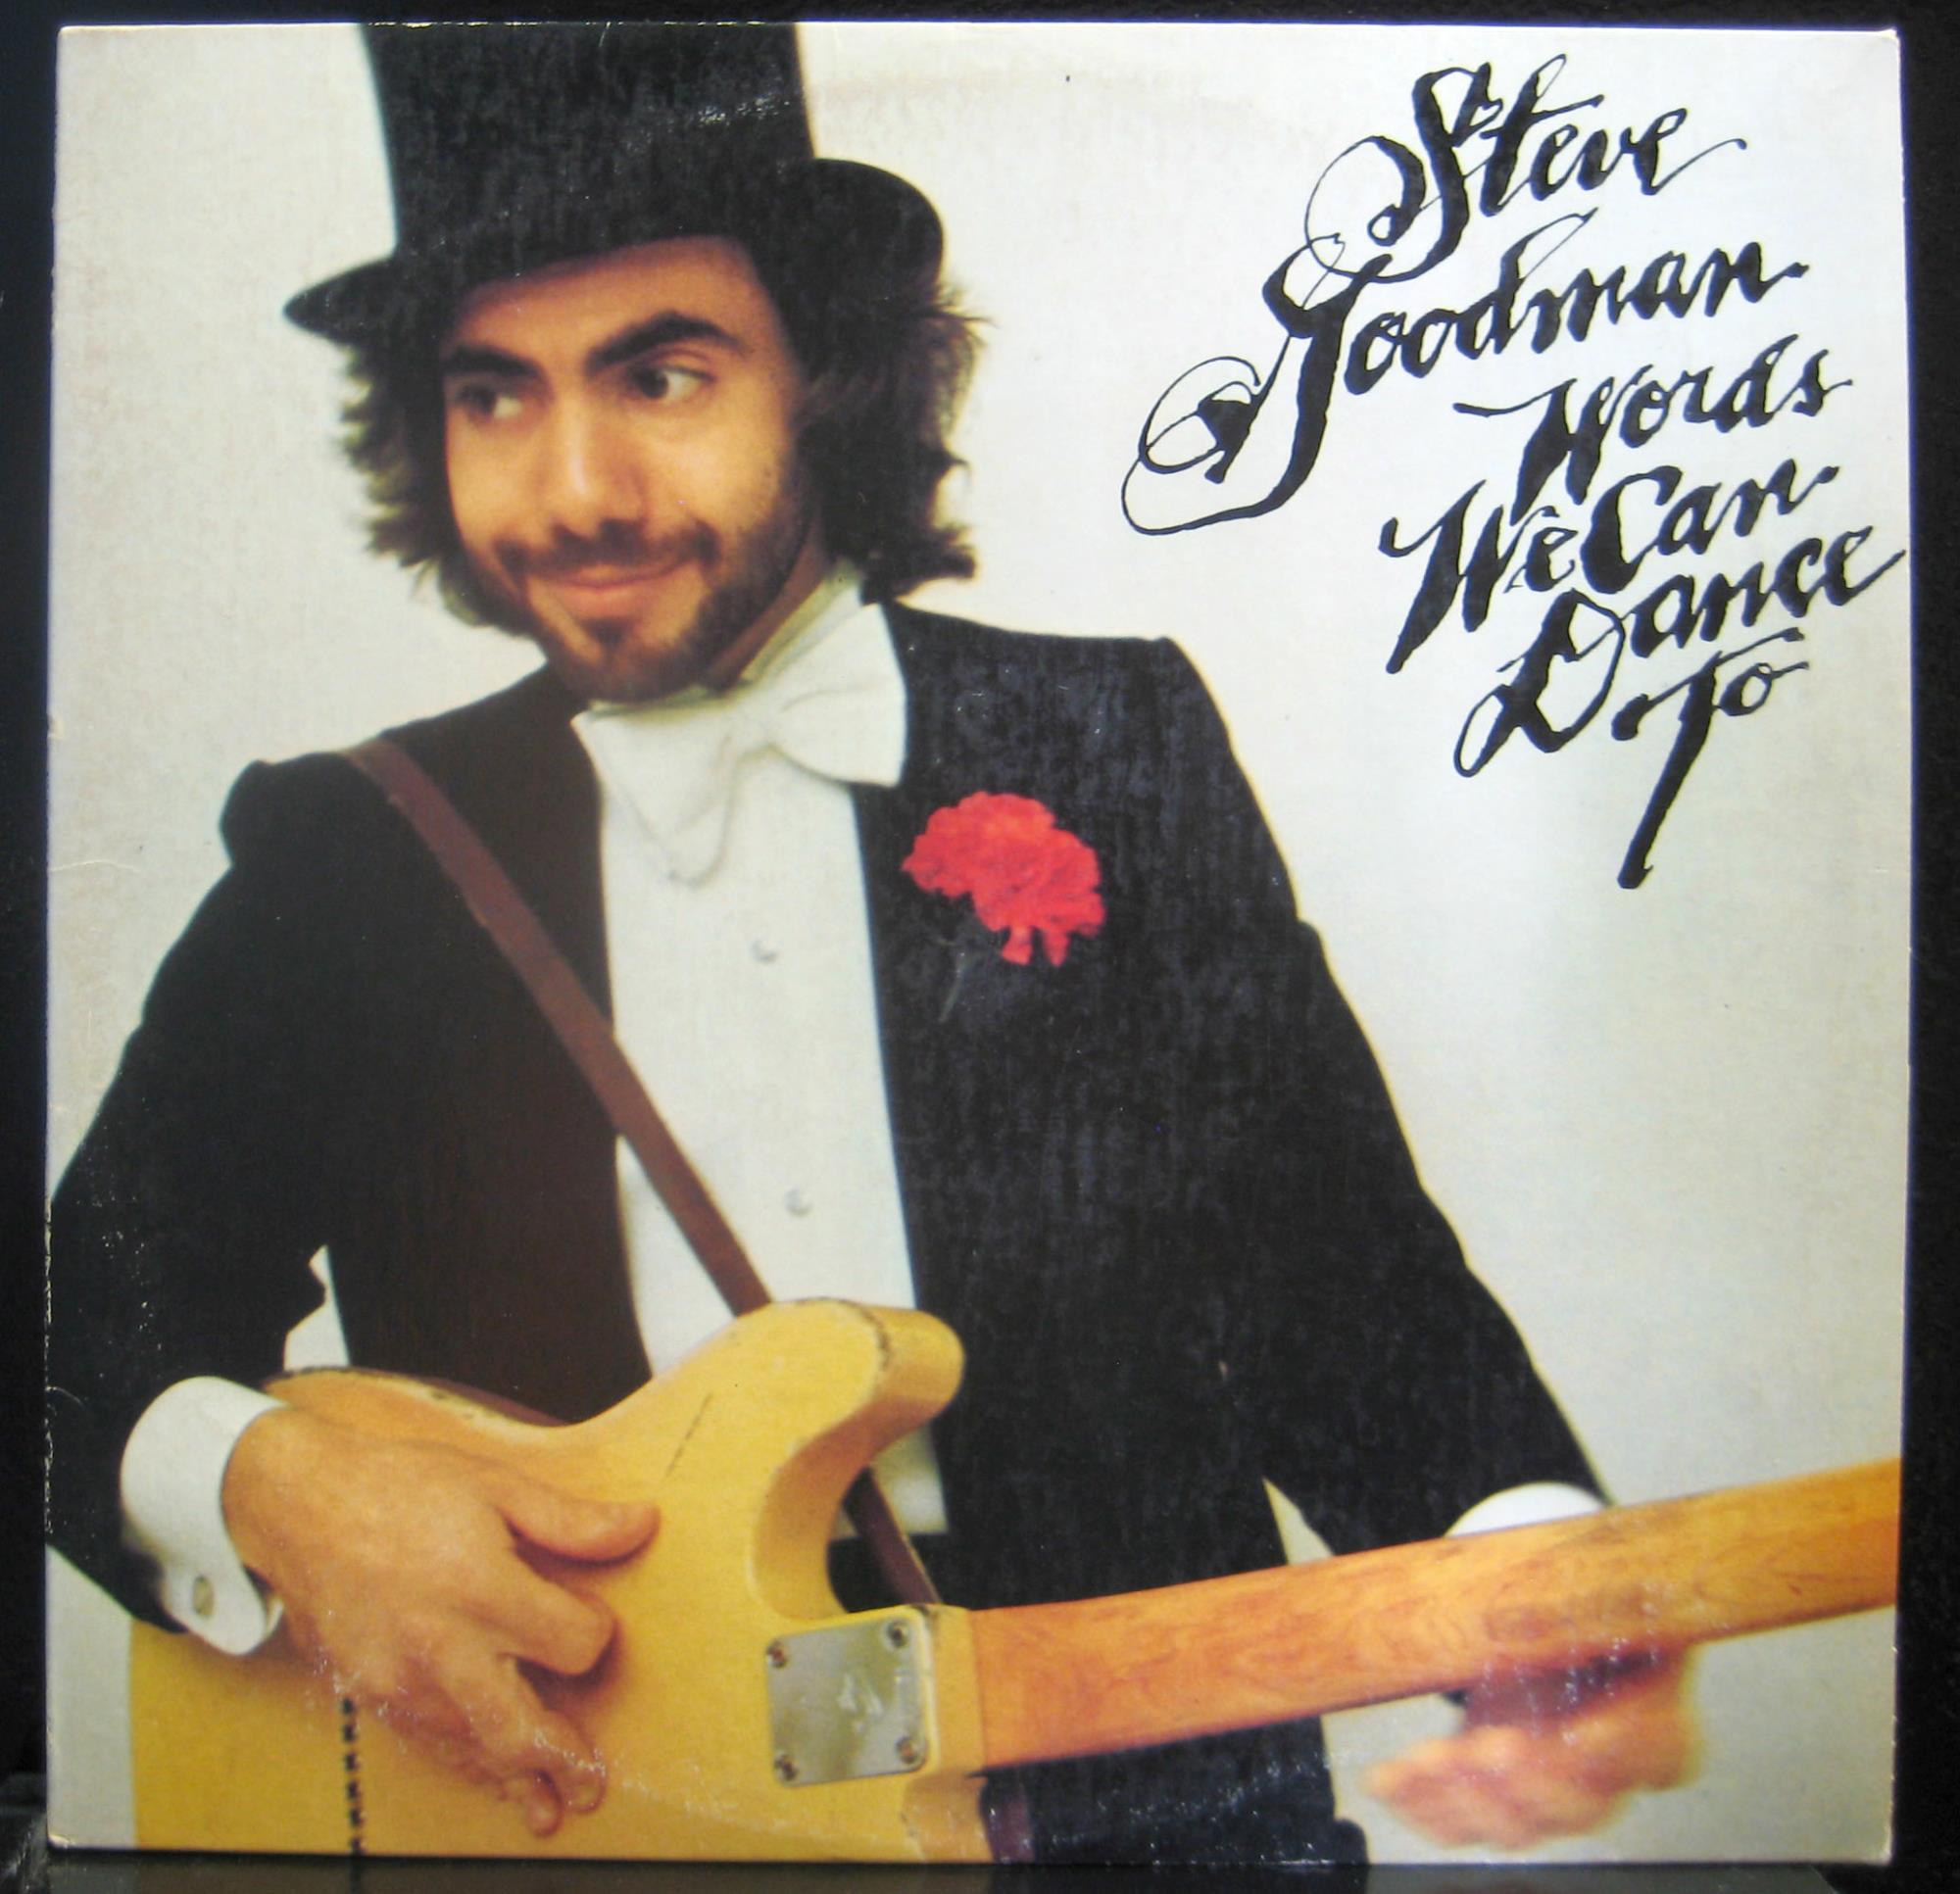 STEVE GOODMAN - Steve Goodman Words We Can Dance To Lp Vg+ 7e 1061 Sterling Vinyl 1976 (words We Can Dance To)